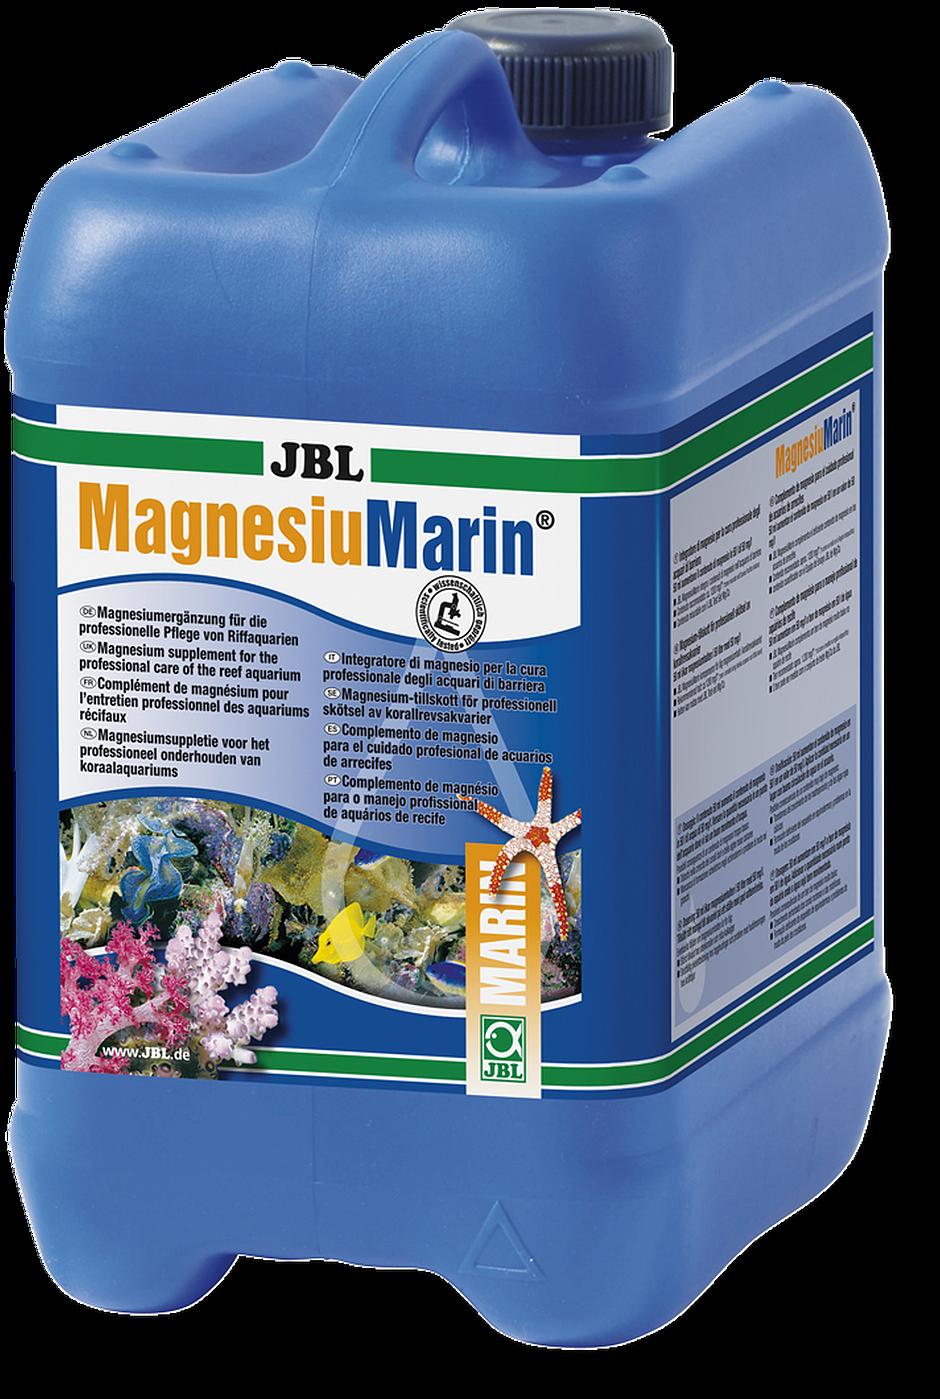 JBL MagnesiuMarin 5 l